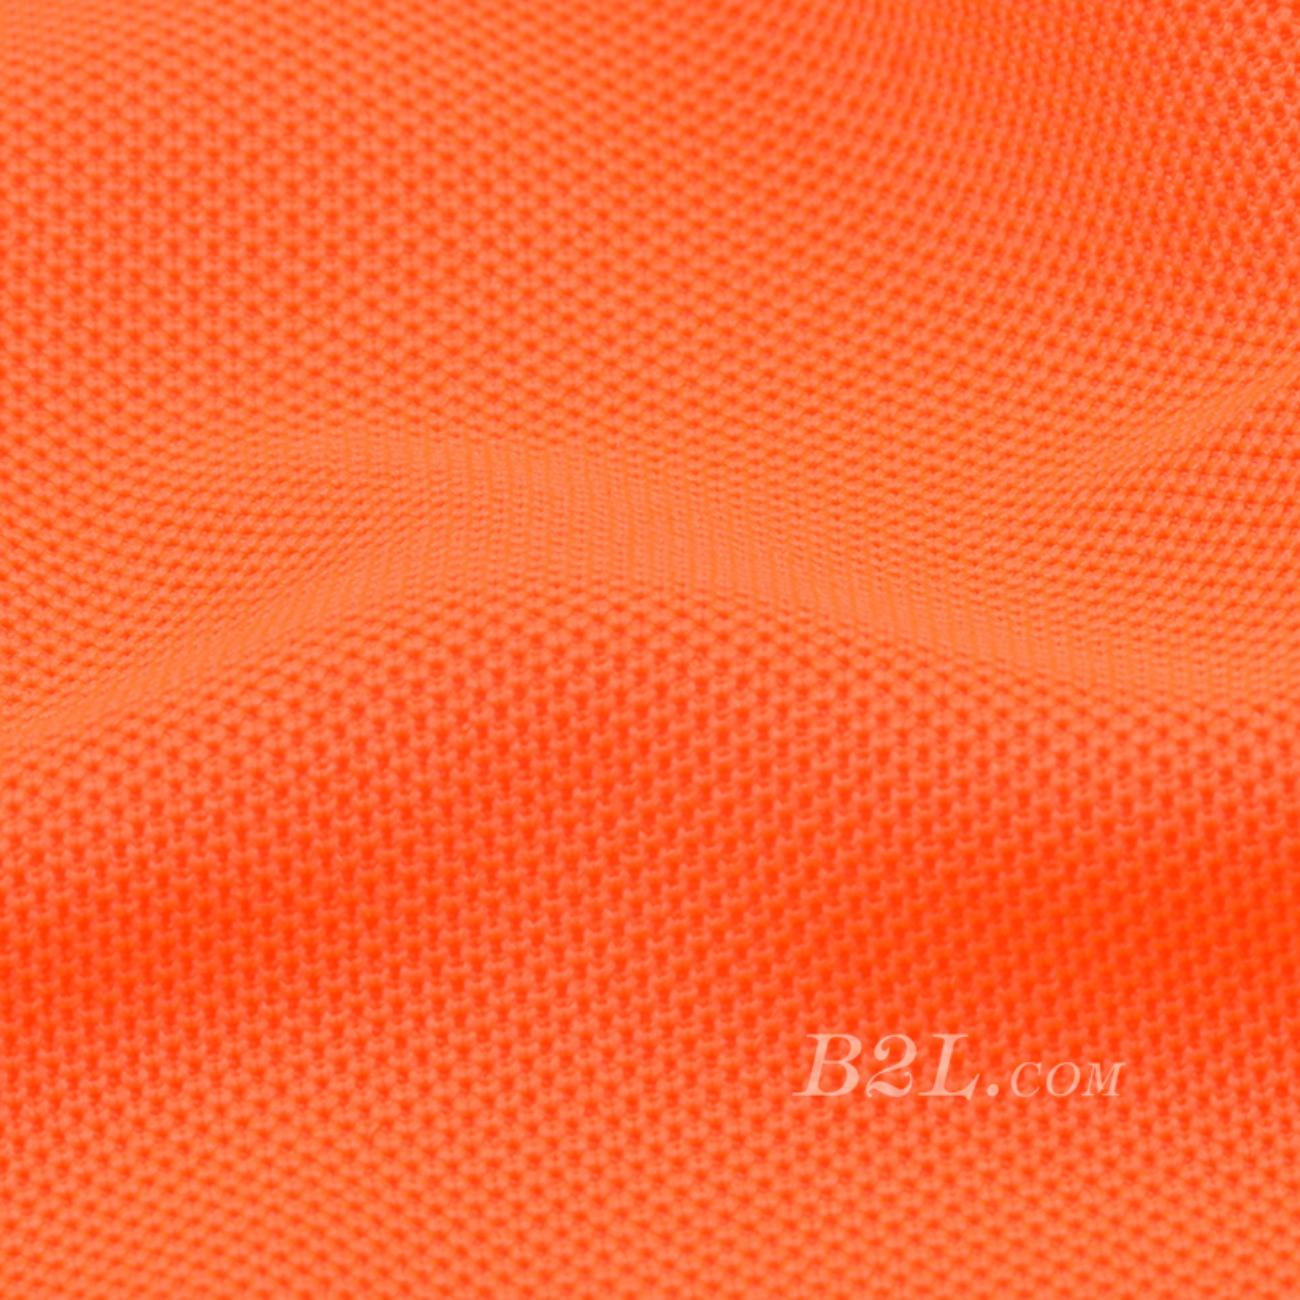 珠地布 素色 针织 染色 高弹 运动装 偏硬 女装 男装 春夏 80302-60